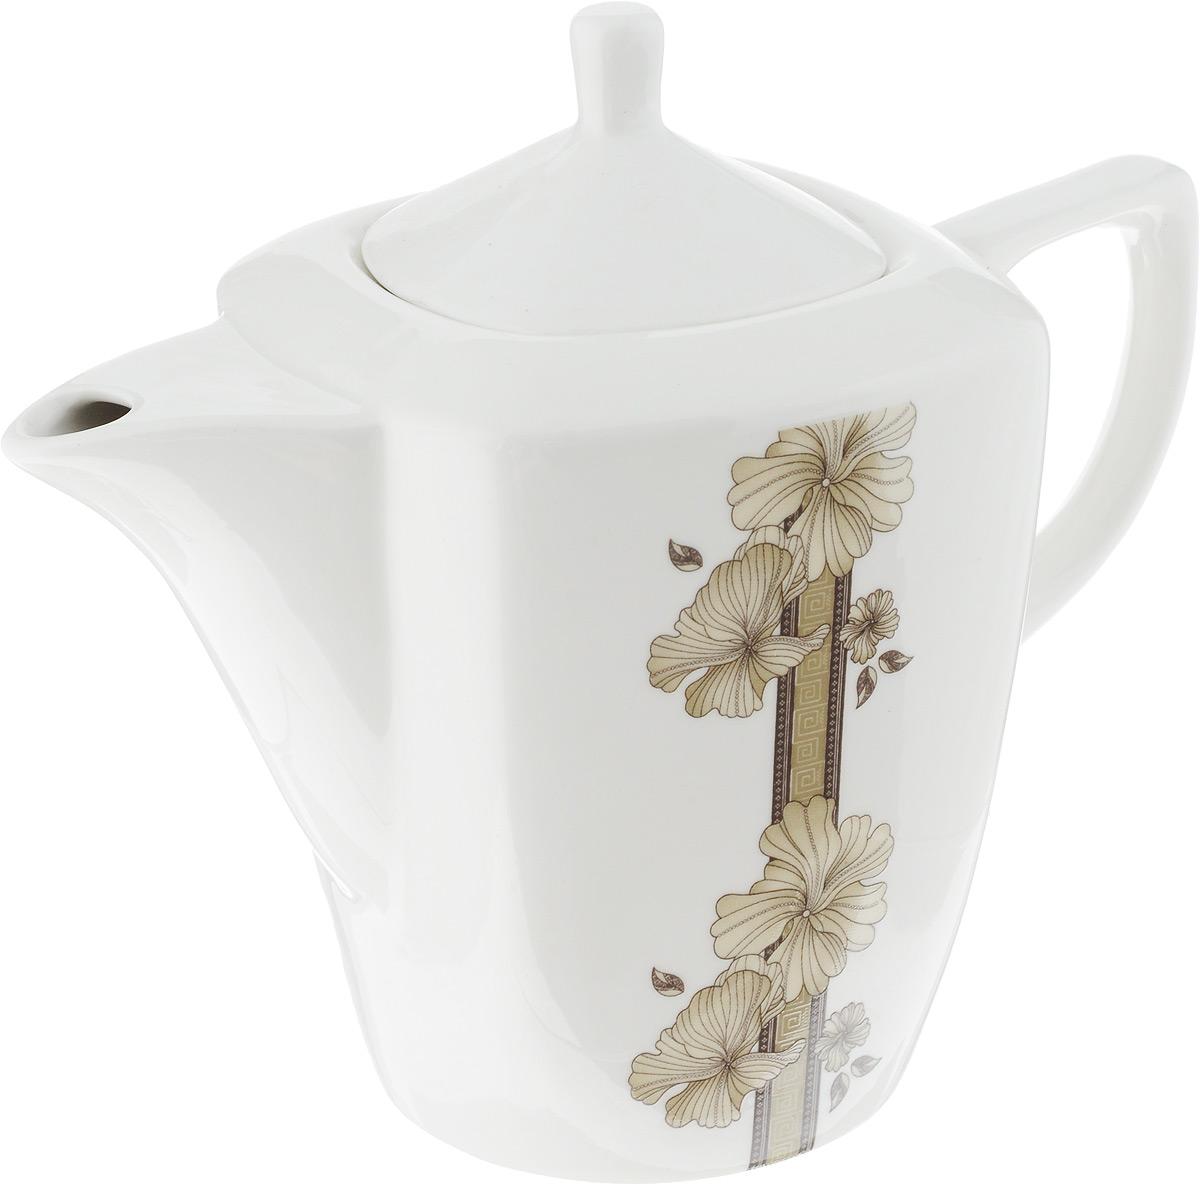 Чайник заварочный София, 1,1 л54 009312Заварочный чайник София изготовлен из высококачественного фарфора. Глазурованное покрытие обеспечивает легкую очистку. Изделие прекрасно подходит для заваривания вкусного и ароматного чая, а также травяных настоев. Оригинальный дизайн сделает чайник настоящим украшением стола. Он удобен в использовании и понравится каждому.Можно мыть в посудомоечной машине и использовать в микроволновой печи. Диаметр чайника (по верхнему краю): 7 см. Высота чайника (без учета крышки): 14 см. Высота чайника (с учетом крышки): 19 см.